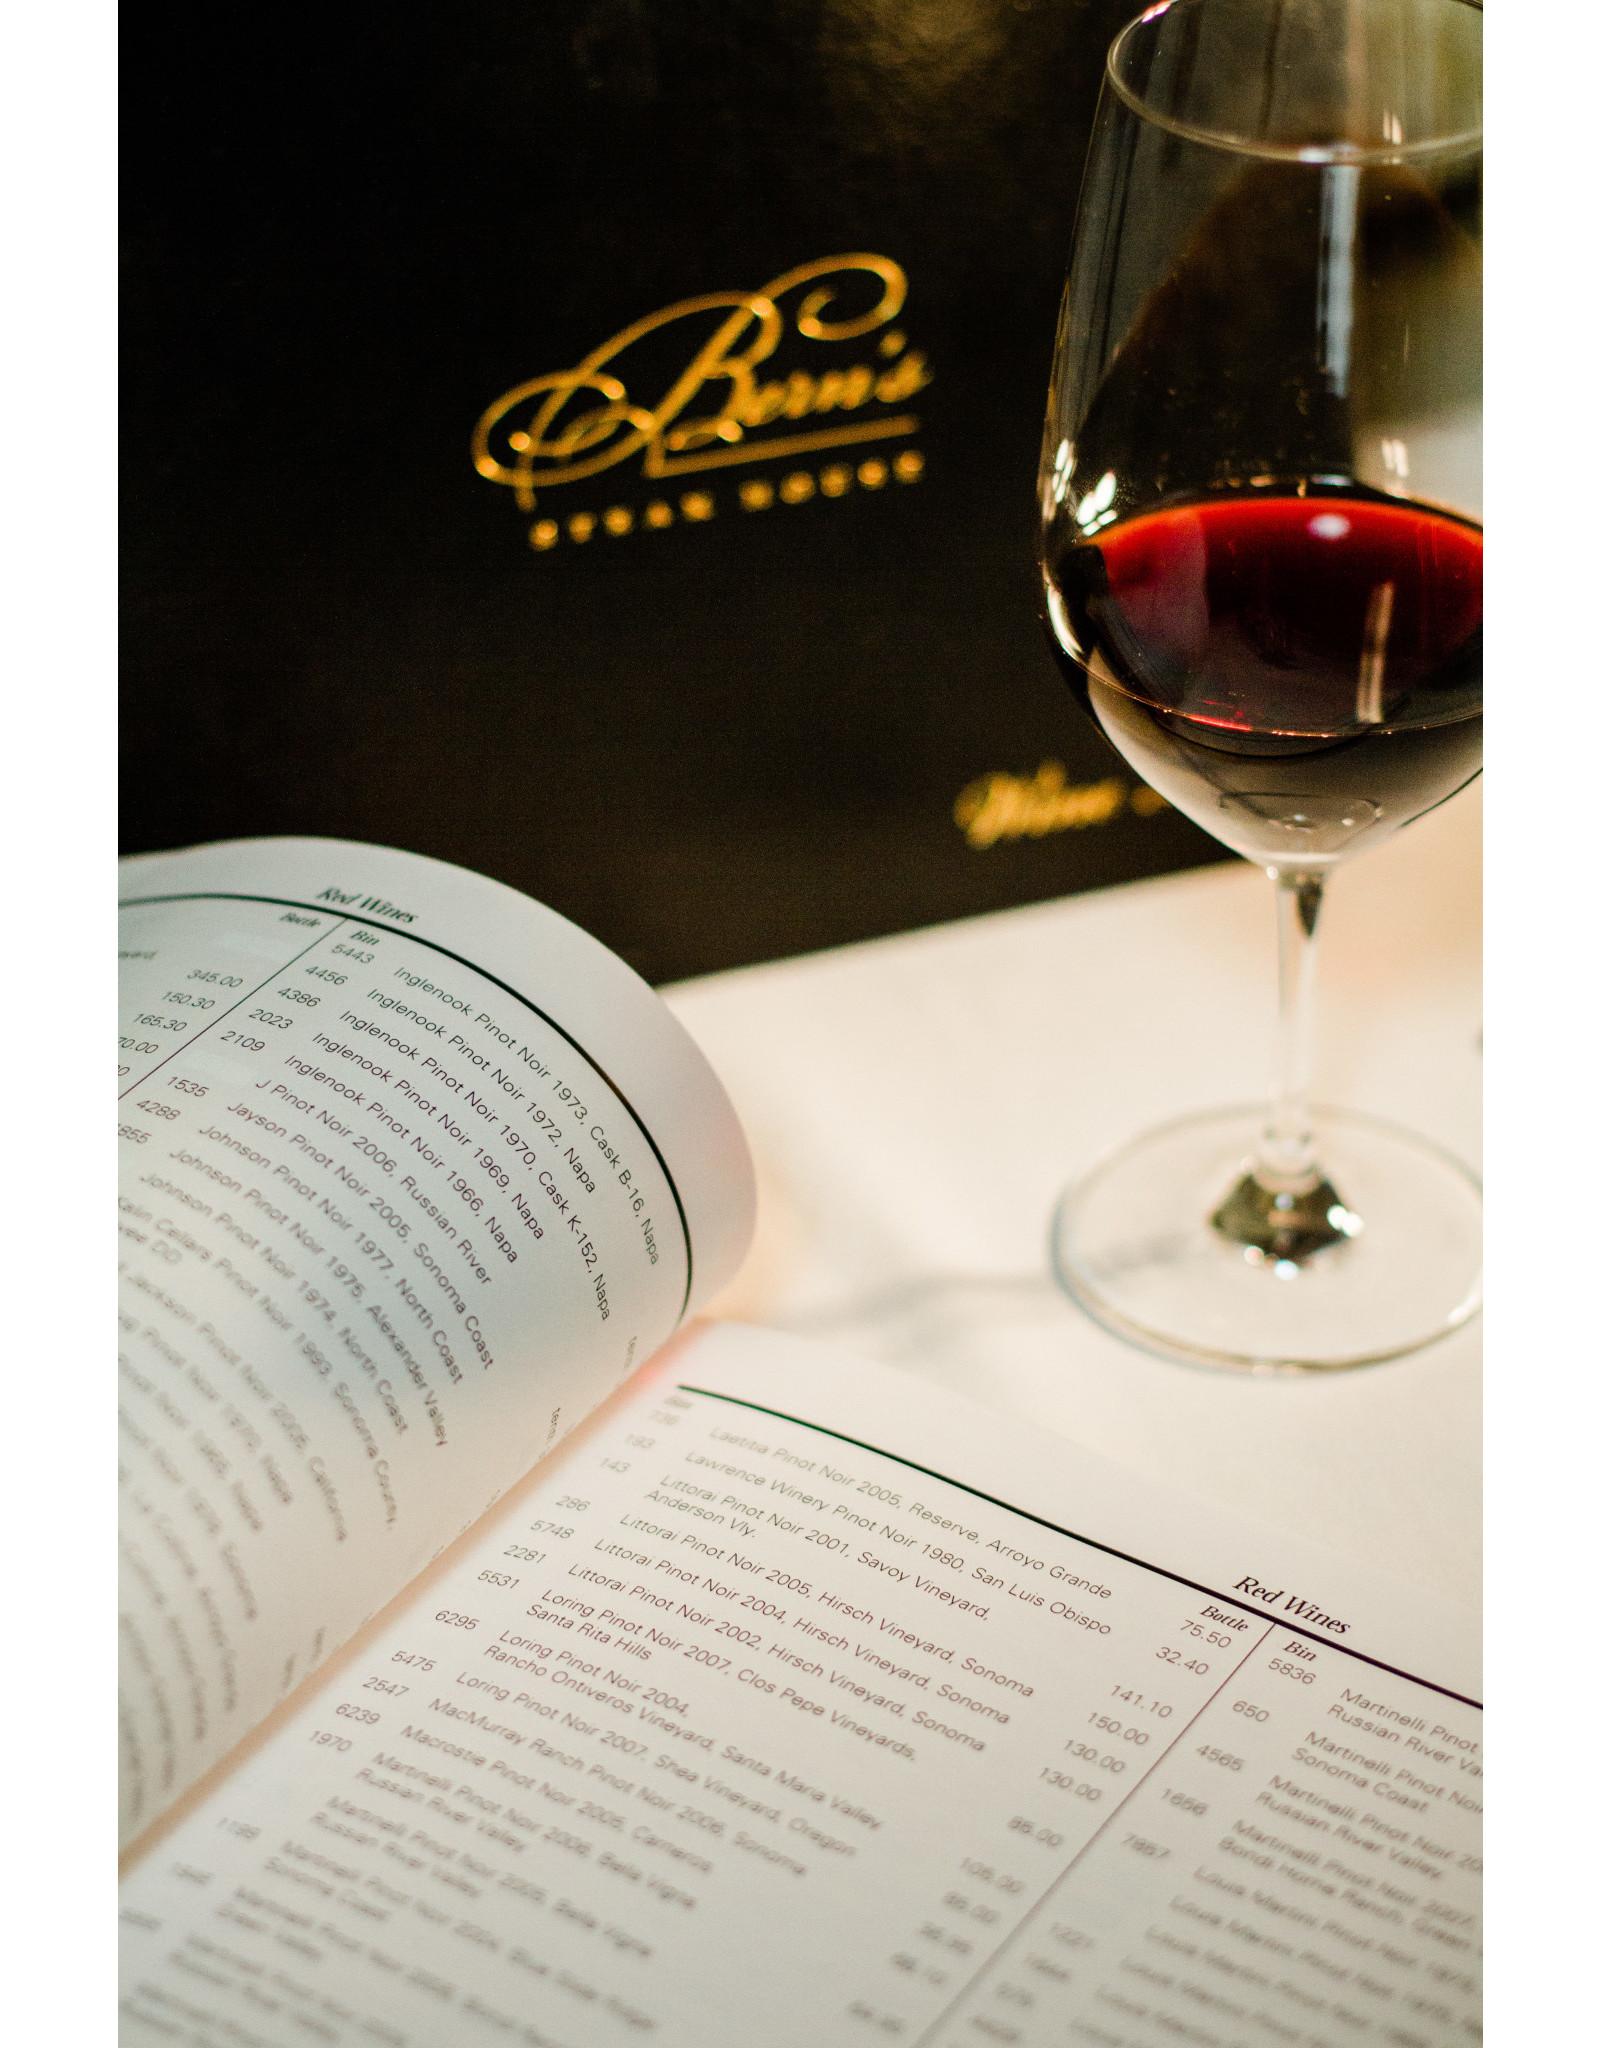 Bern's Steak House Wine List - Unbound